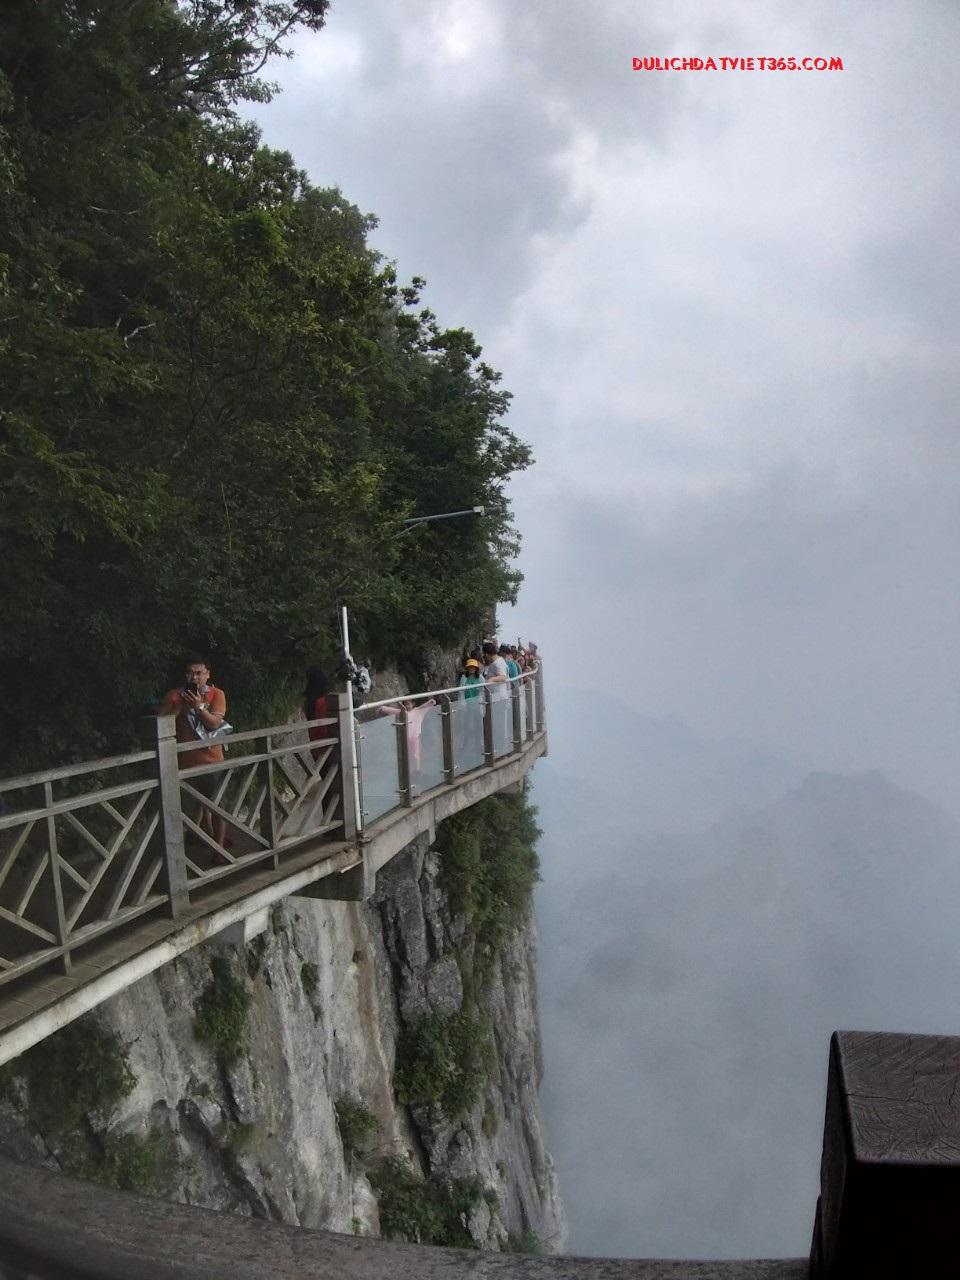 du lịch sàn Đạo Kính Thiên Môn sơn